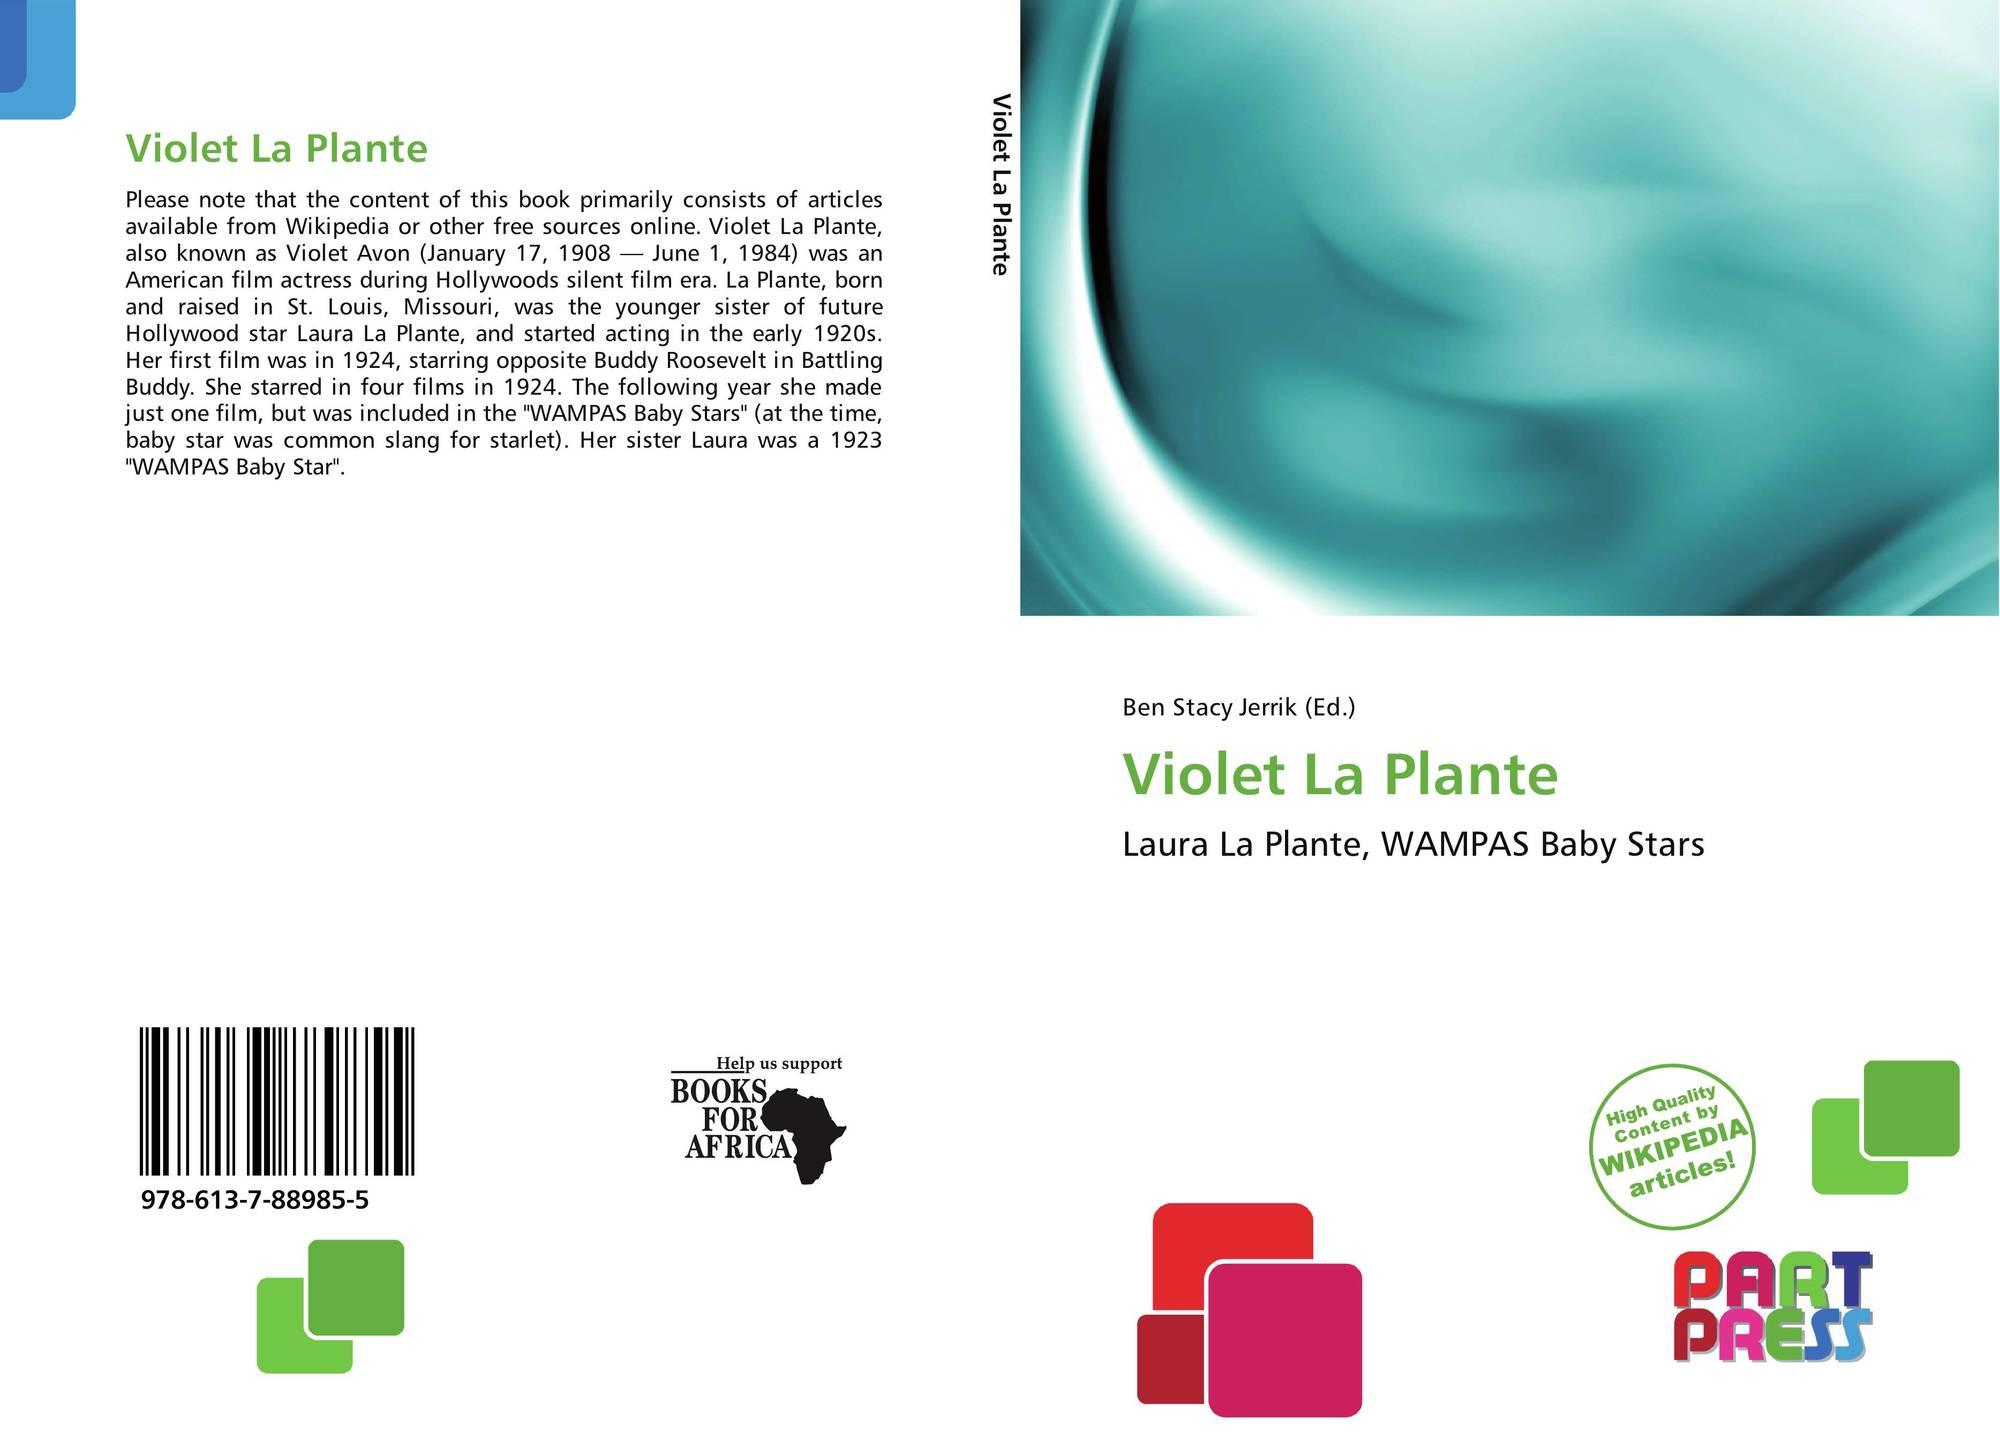 Violet La Plante Violet La Plante new picture